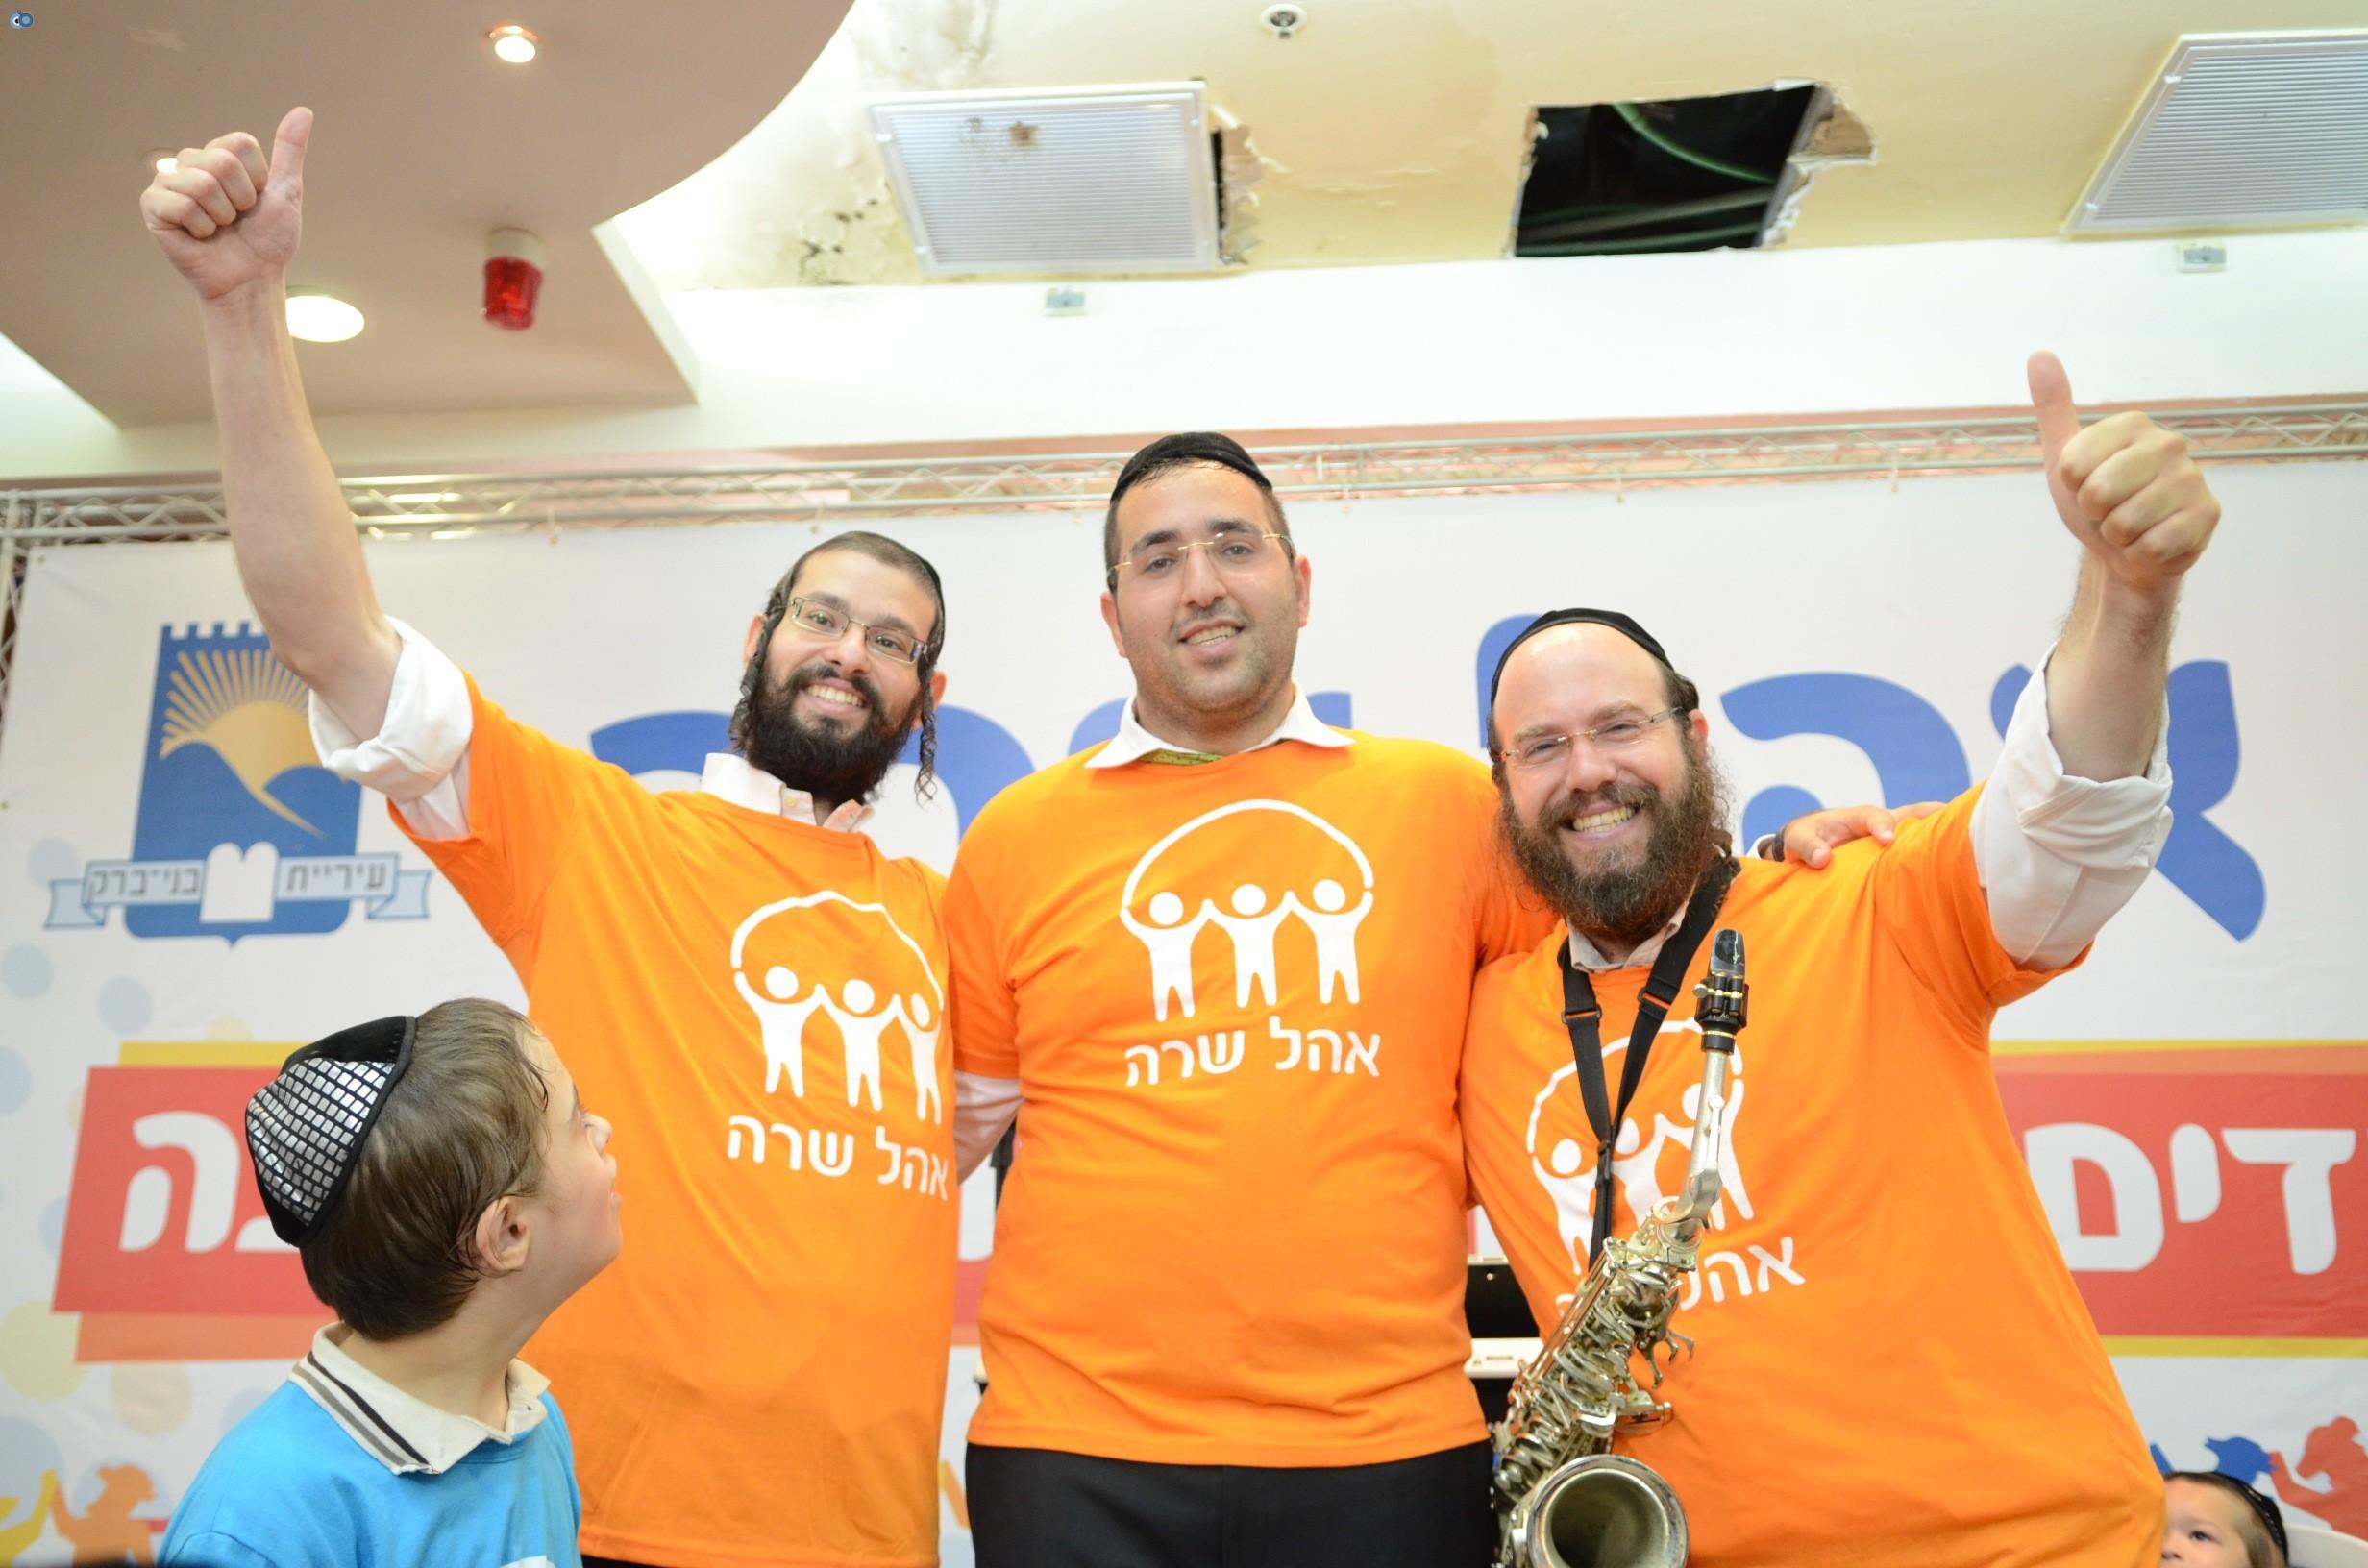 שמחת בית השואבה אהל שרה צילם משה גולדשטיין עם אישי ציבור וזמרים (26)